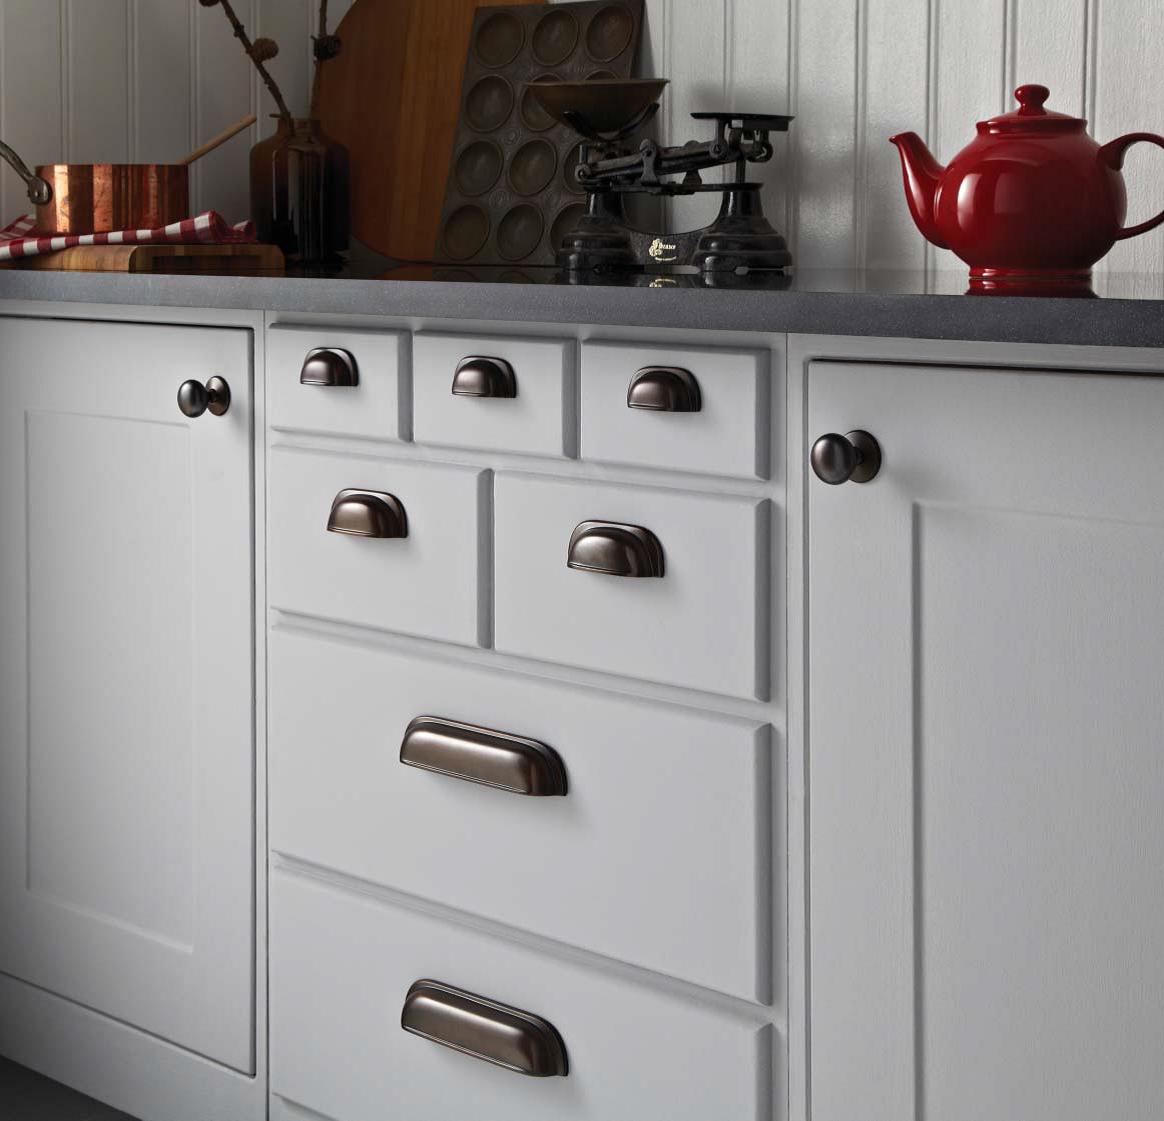 kitchen door handles and knobs photo - 2